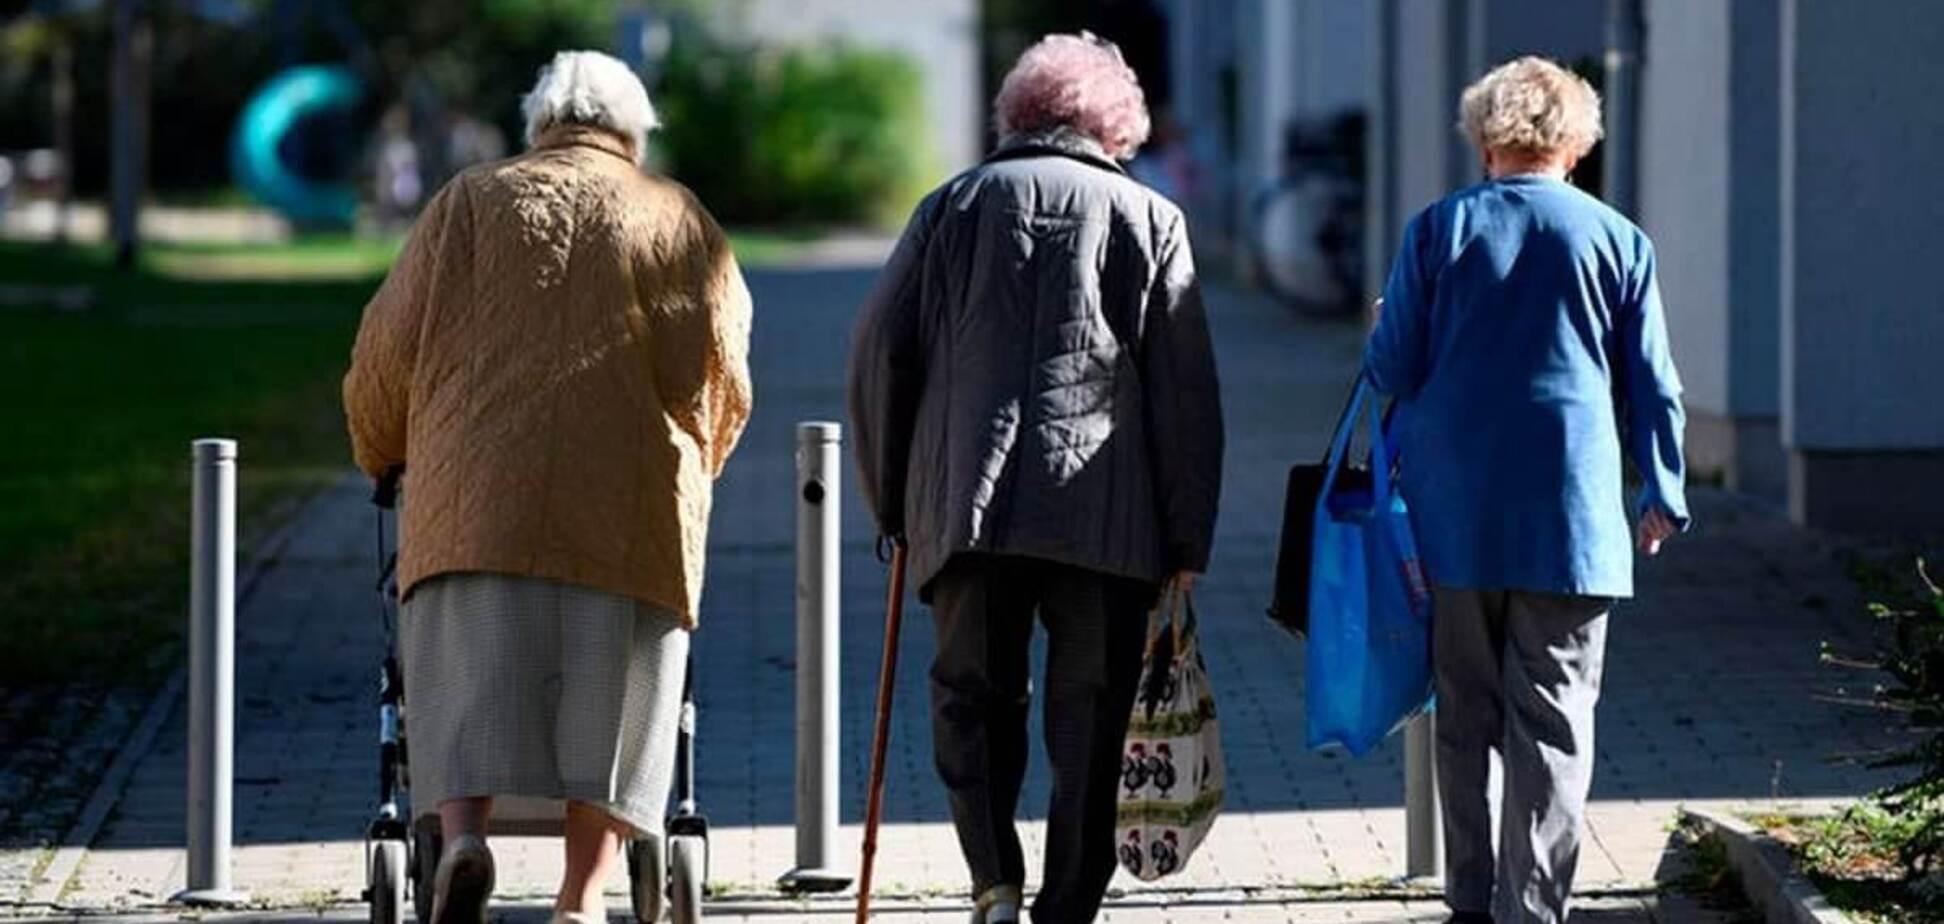 Самоизоляция – беда для пожилых людей: как им помочь